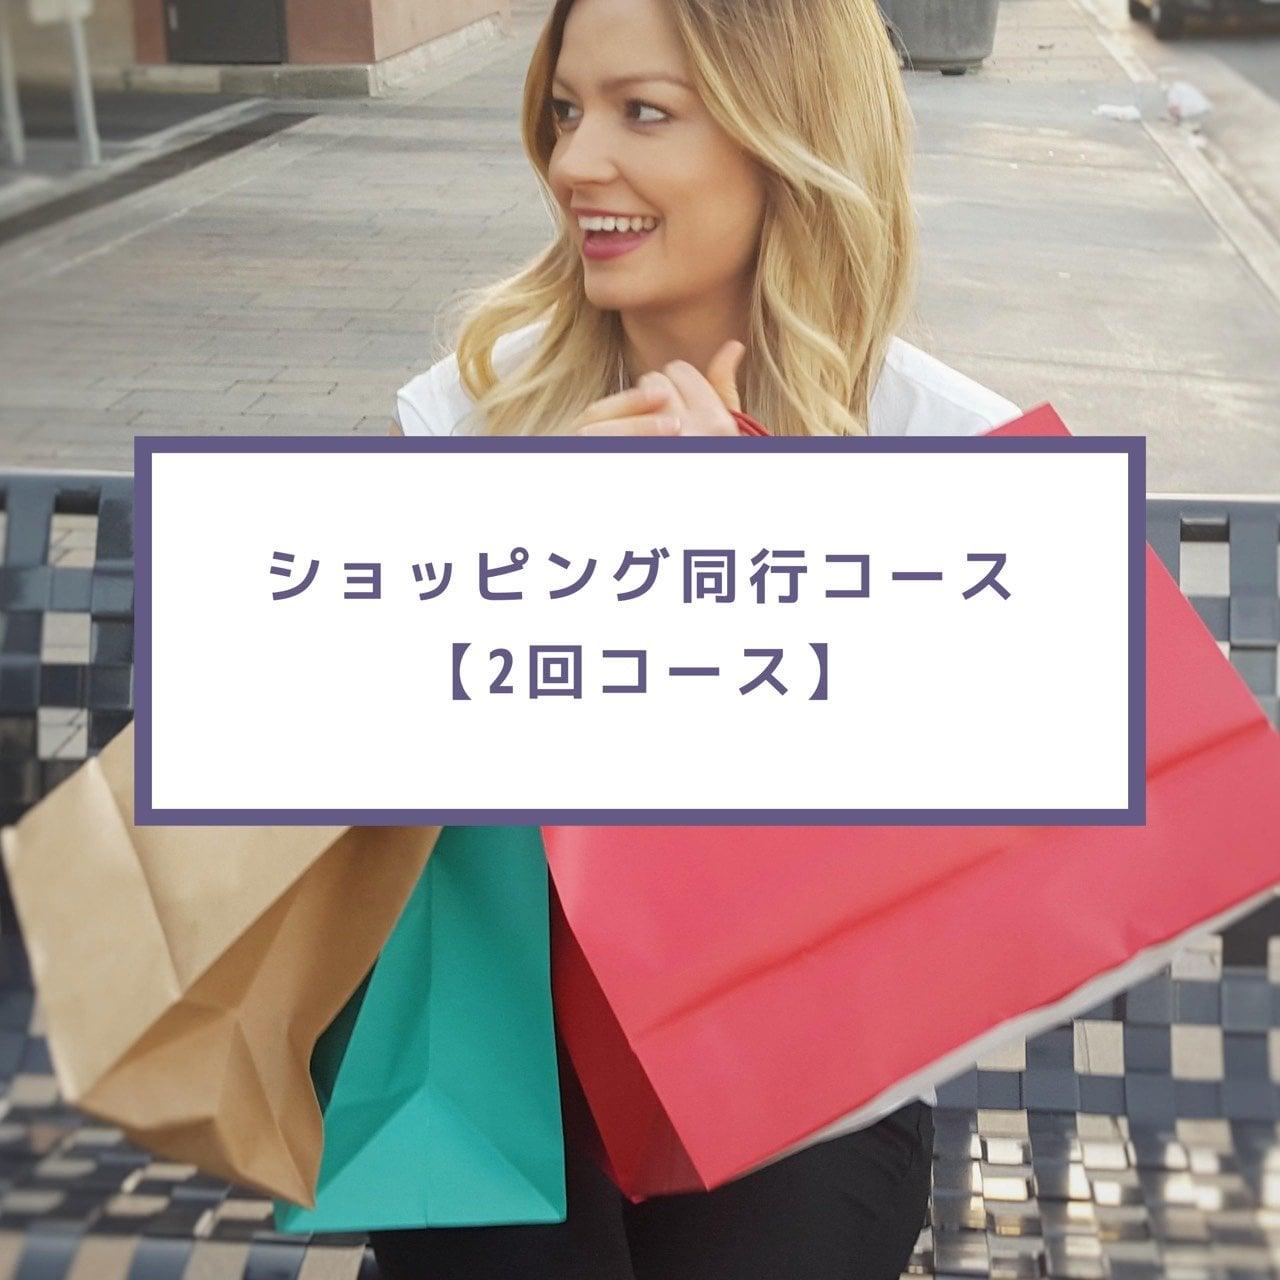 ショッピング同行【2回コース】(オンライン対応)のイメージその1